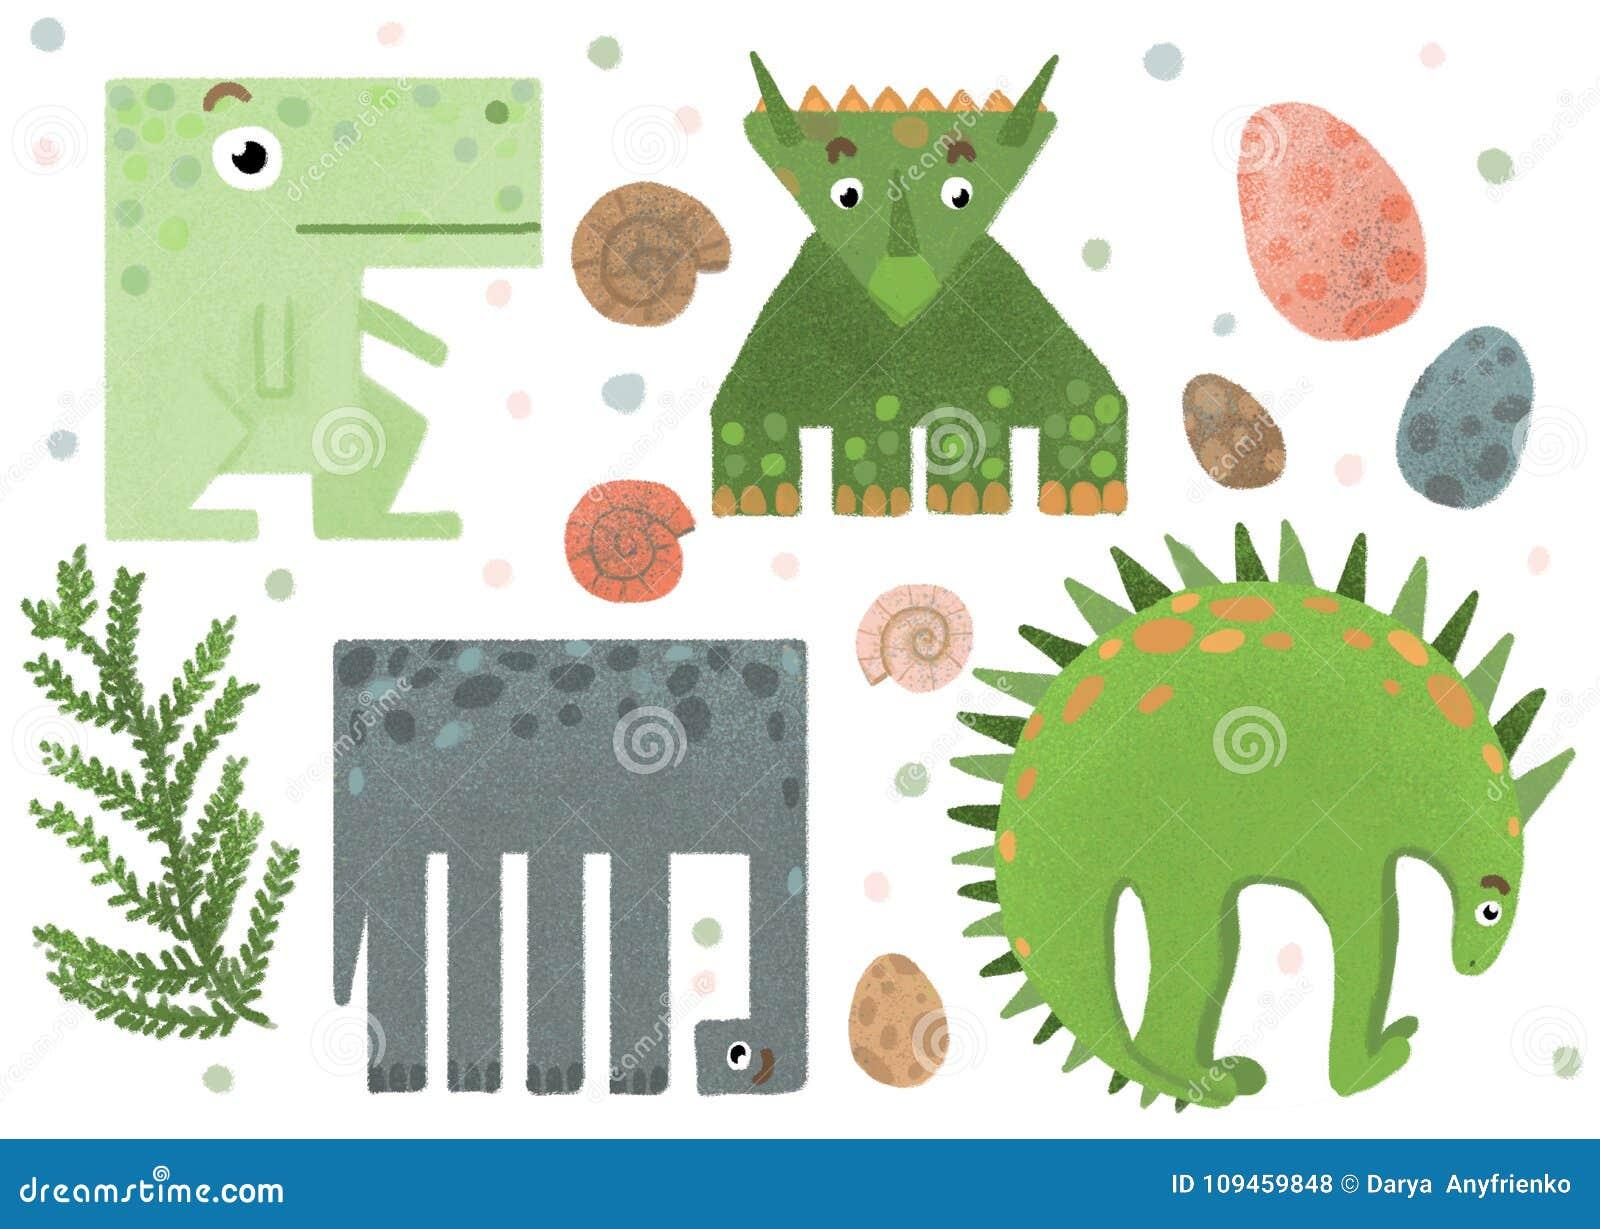 Sistema De Etiquetas Engomadas Divertidas Geometricas Del Dinosaurio Stock De Ilustracion Ilustracion De Dinosaurio Geometricas 109459848 Te compartimos un vector descargable para reproducir la imagen de un dinosaurio formado por figuras geométricas. etiquetas engomadas divertidas